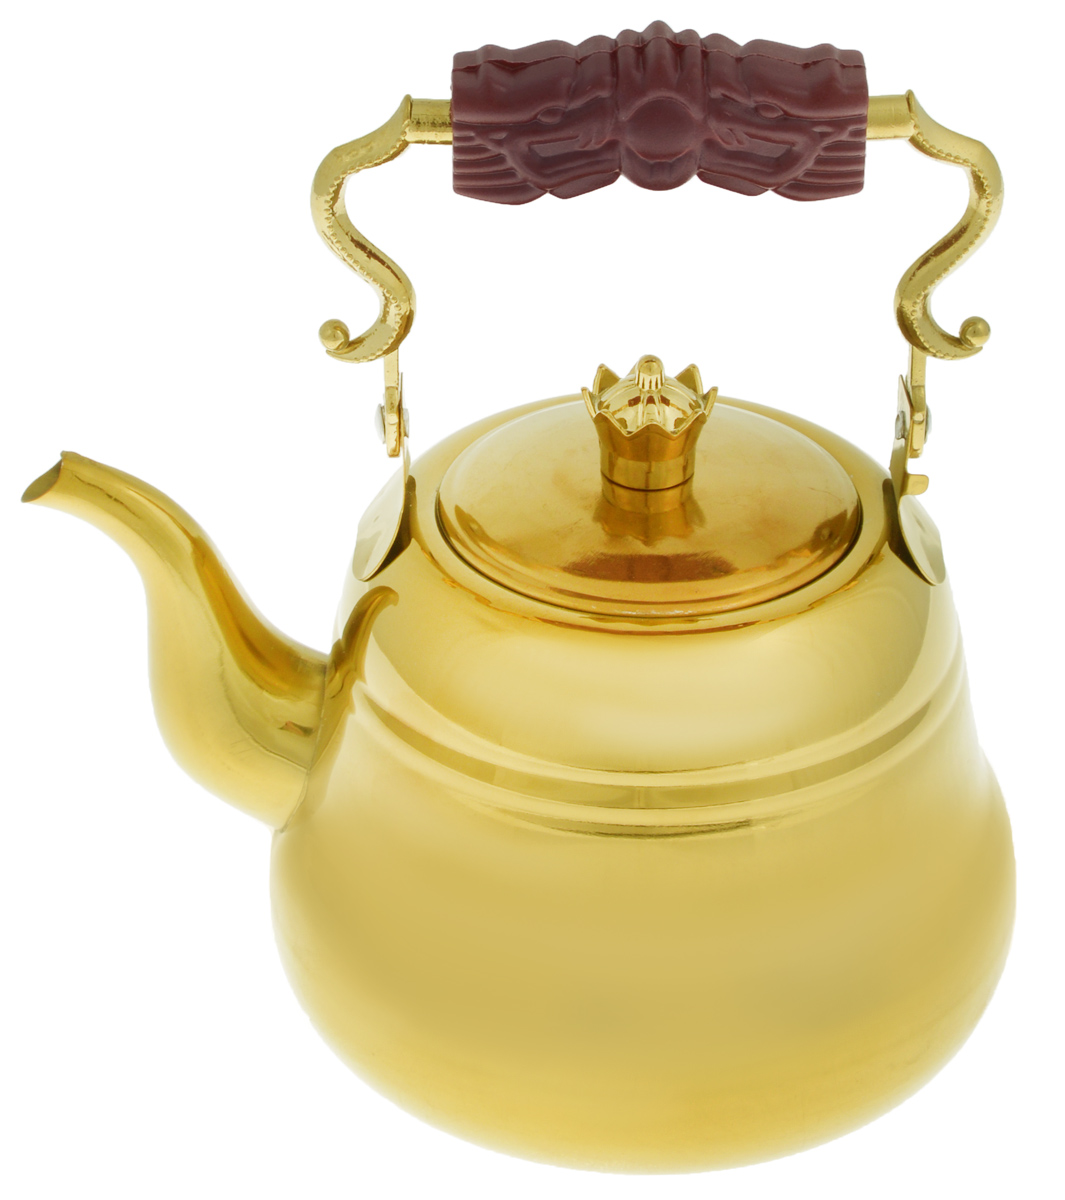 Чайник заварочный Mayer & Boch, с фильтром, 1 л. 11101110Заварочный чайник Mayer & Boch выполнен из высококачественной нержавеющей стали, что делает его весьма гигиеничными и устойчивыми к износу при длительном использовании. Гладкая поверхность существенно облегчает уход. Выполненный из качественных материалов изделие при кипячении сохраняет все полезные свойства воды. Чайник имеет вынимающийся фильтр и крышку из нержавеющей стали. Ручка изготовлена из нержавеющей стали с бакелитовой вставкой.Изделие можно мыть в посудомоечной машине. Диаметр основания чайника: 10 см. Высота чайника (с учетом ручки): 19 см. Высота чайника (без учета ручки и носика): 11 см.Диаметр чайника (по верхнему краю): 7 см.